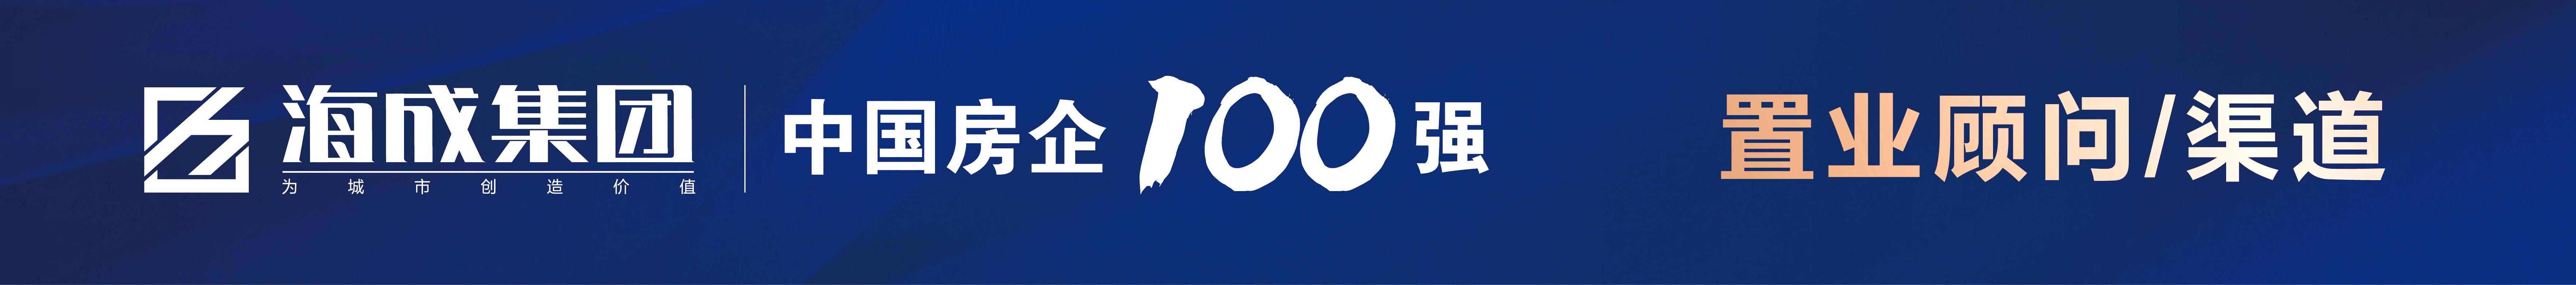 重慶海成實業(集團)有限公司